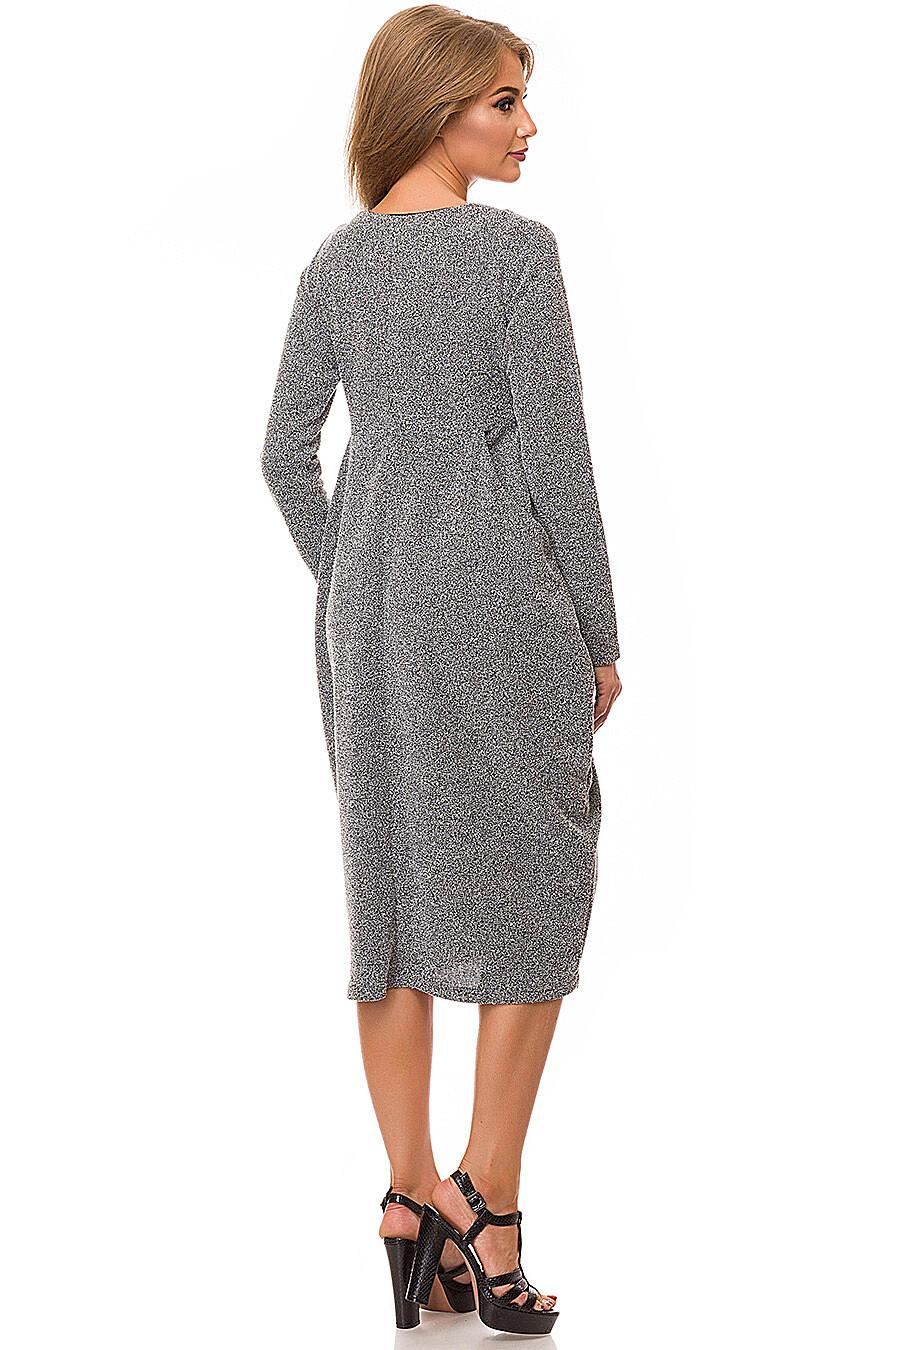 Платье LA VIA ESTELAR (86341), купить в Moyo.moda